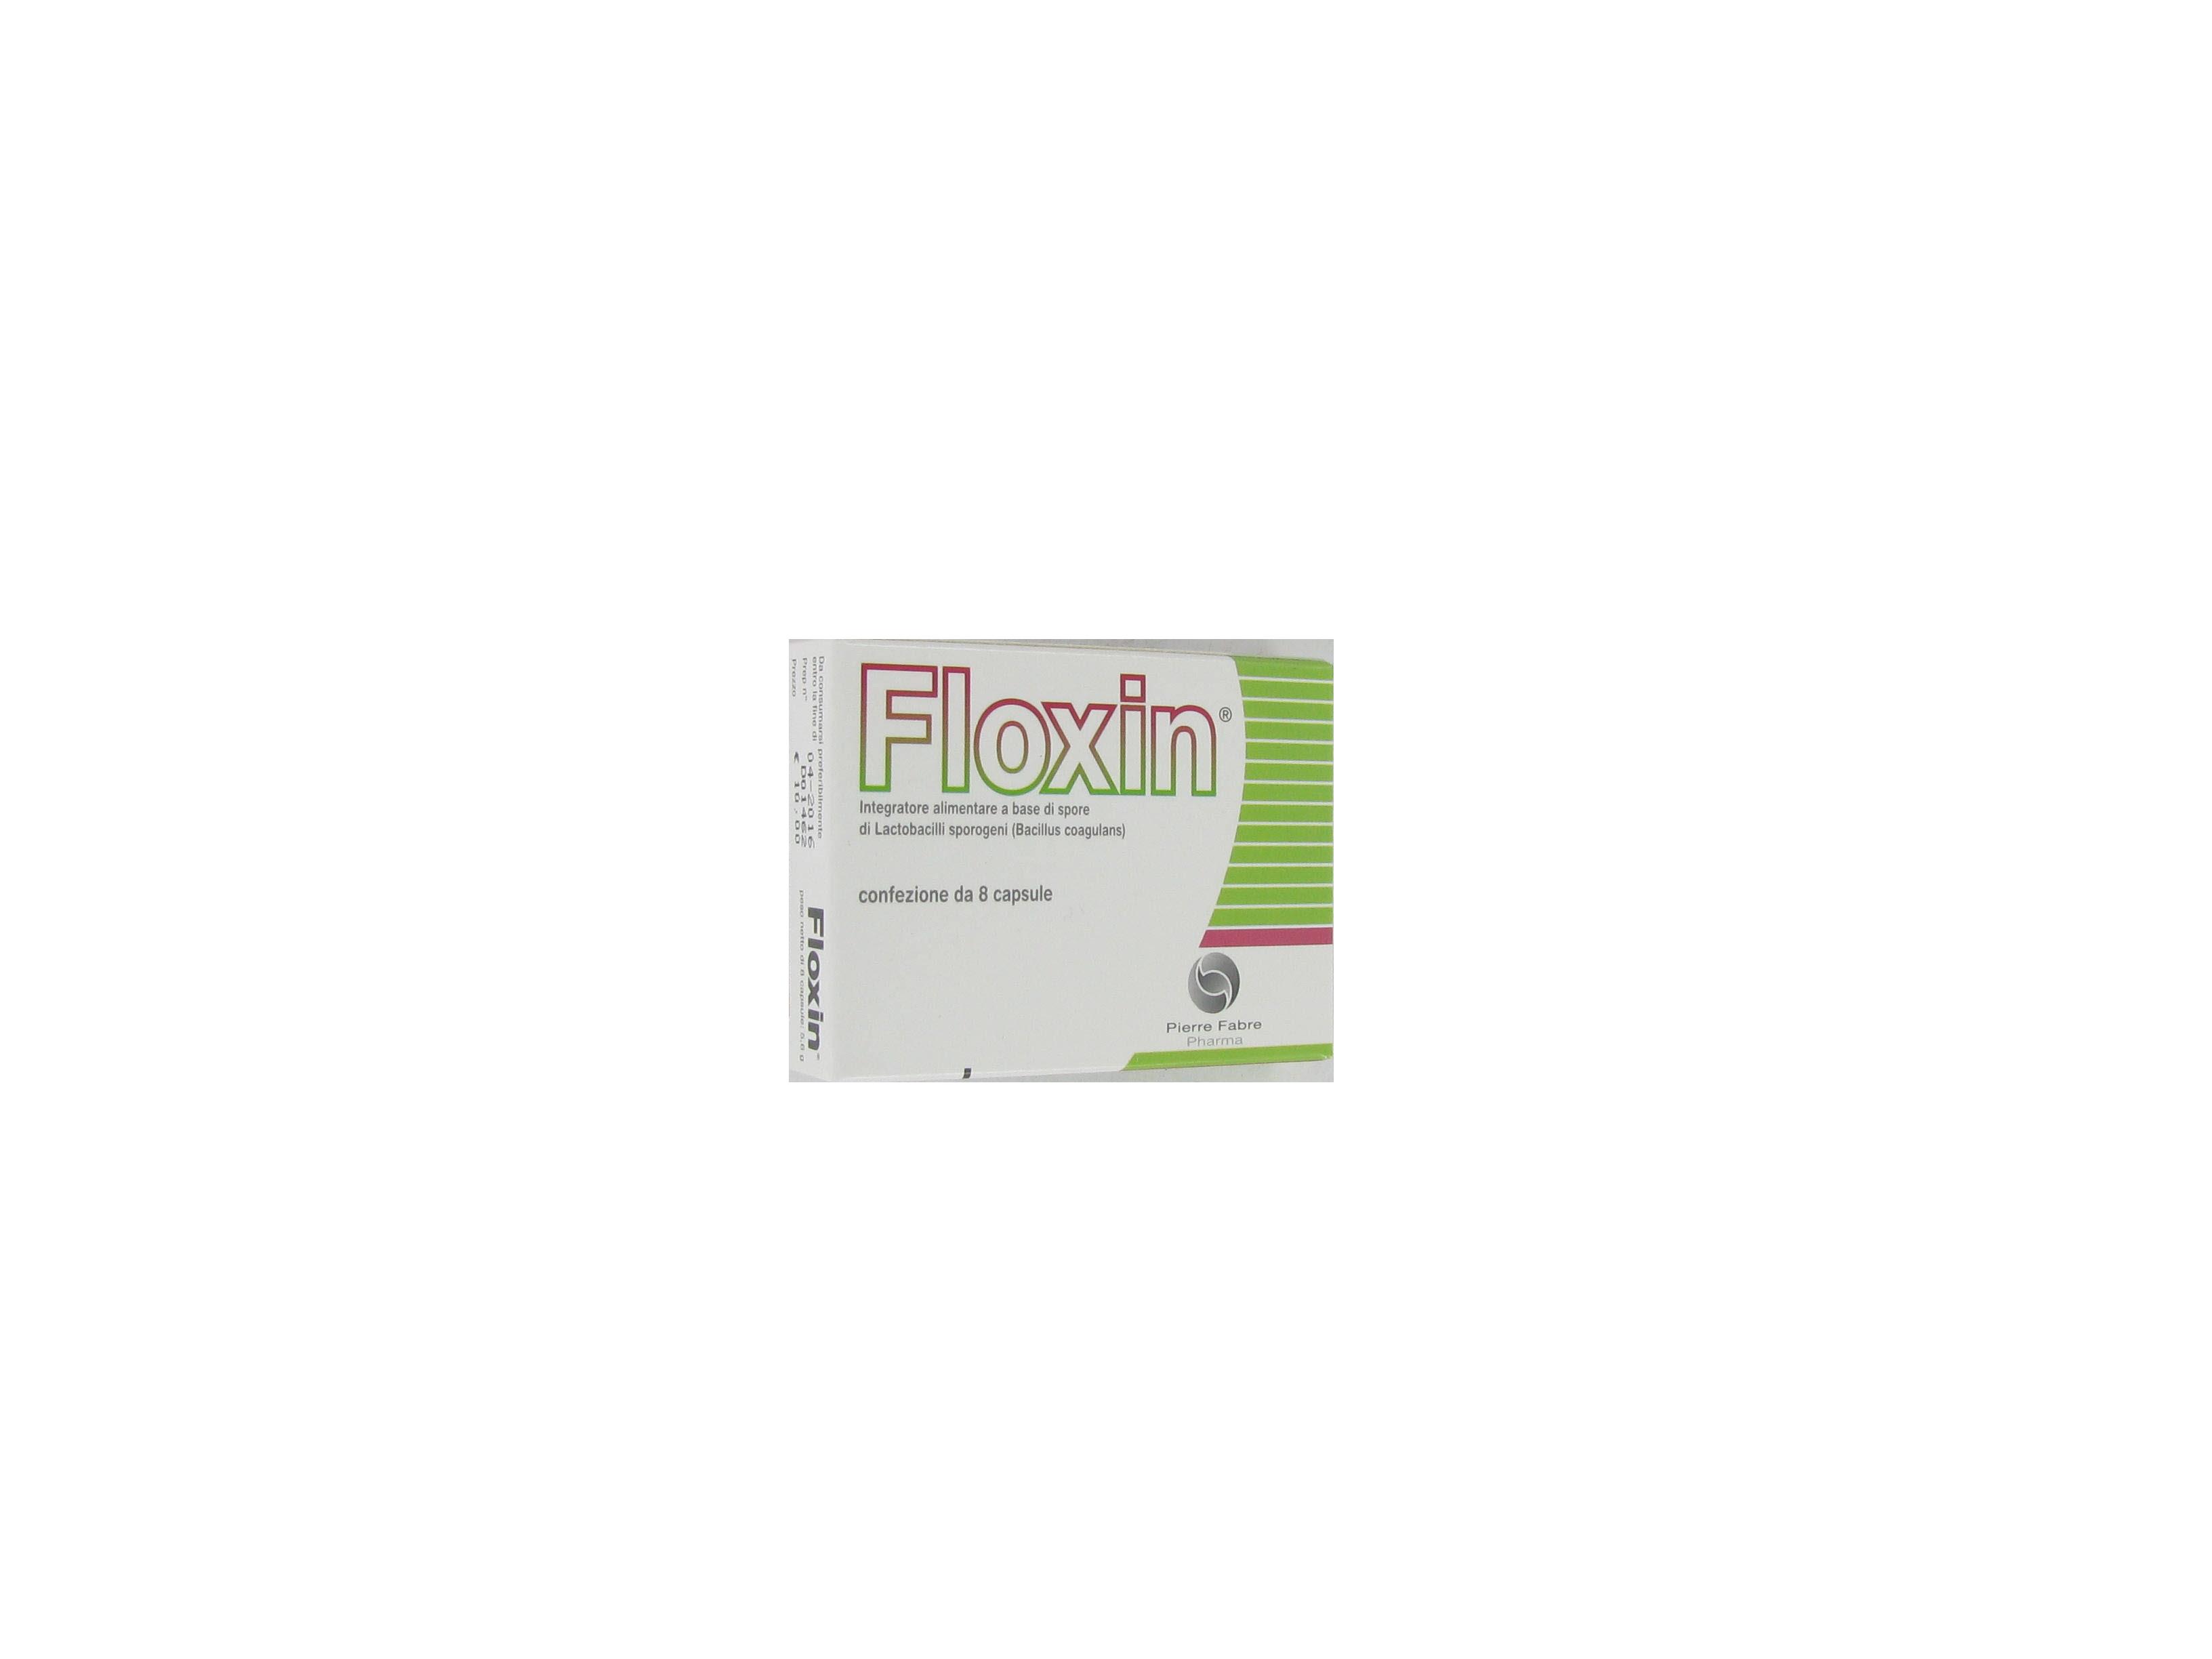 floxin capsule indicazioni